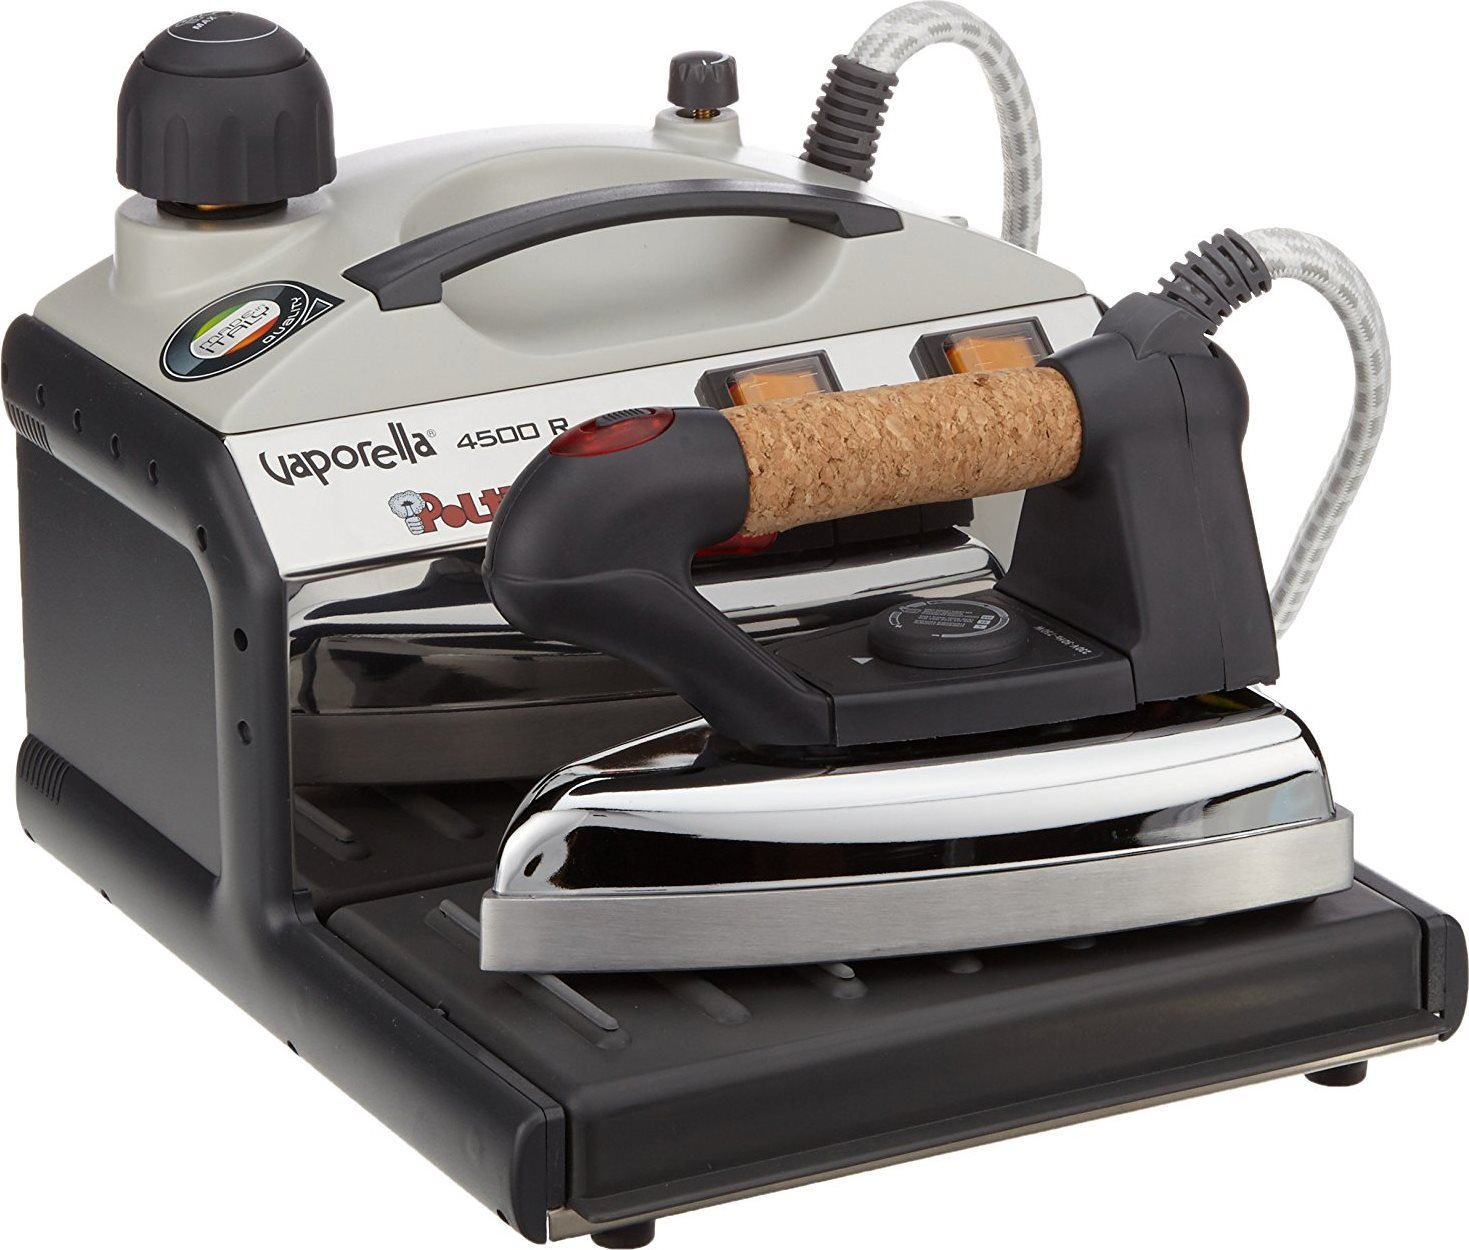 Polti ferro da stiro a vapore con caldaia a pressione for Ferro a vapore con caldaia